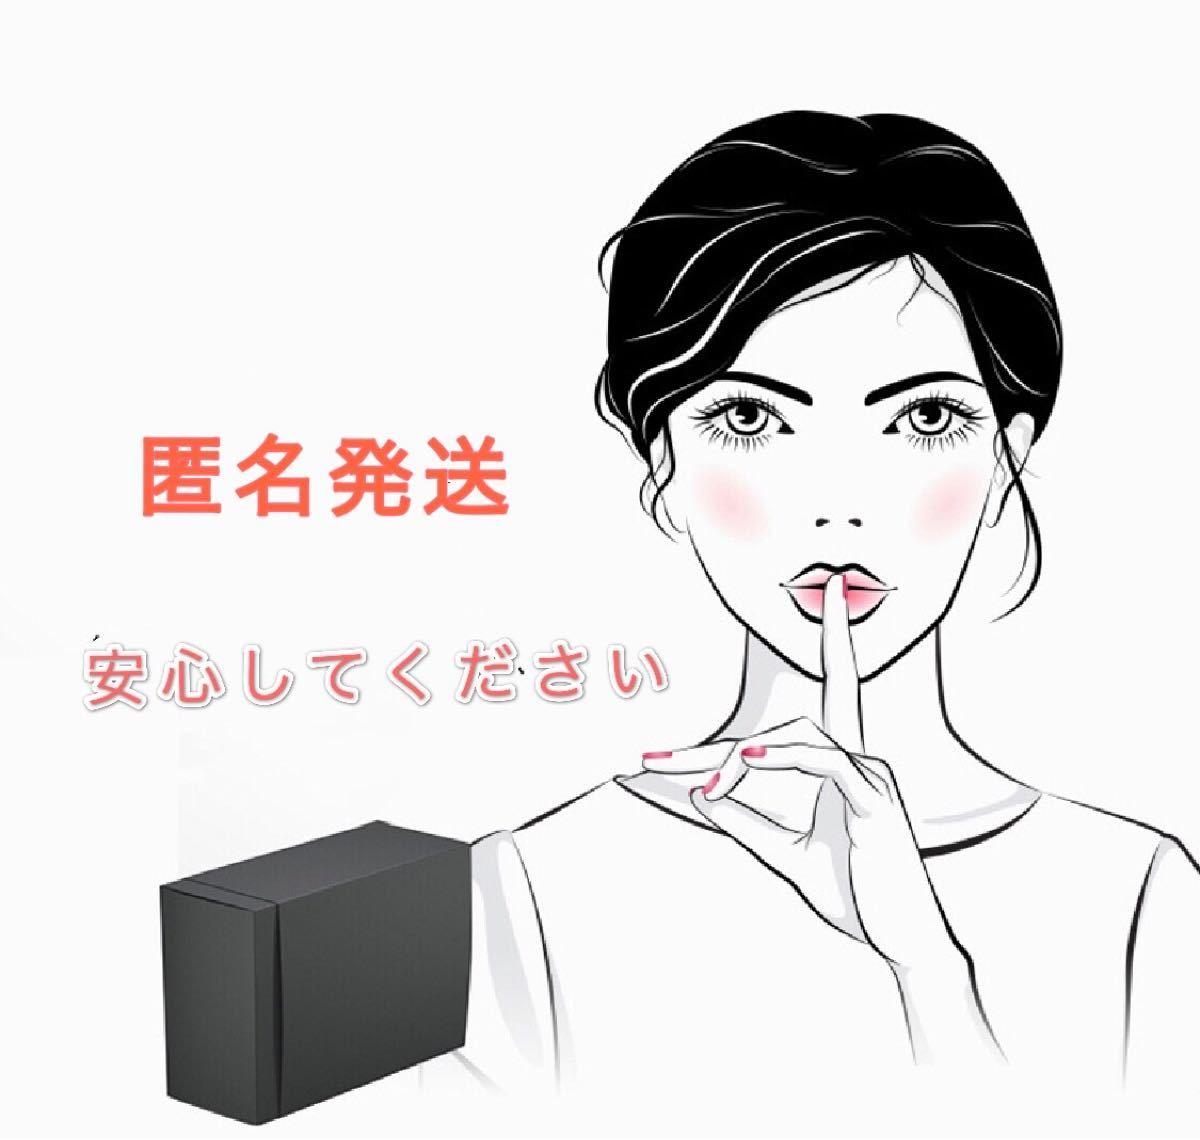 セクシー マイクロビキニ 黒/ブラック コスプレ Tバック 激エロ ハイレグレオタード レースクイーン デザイン セクシーコスプレ